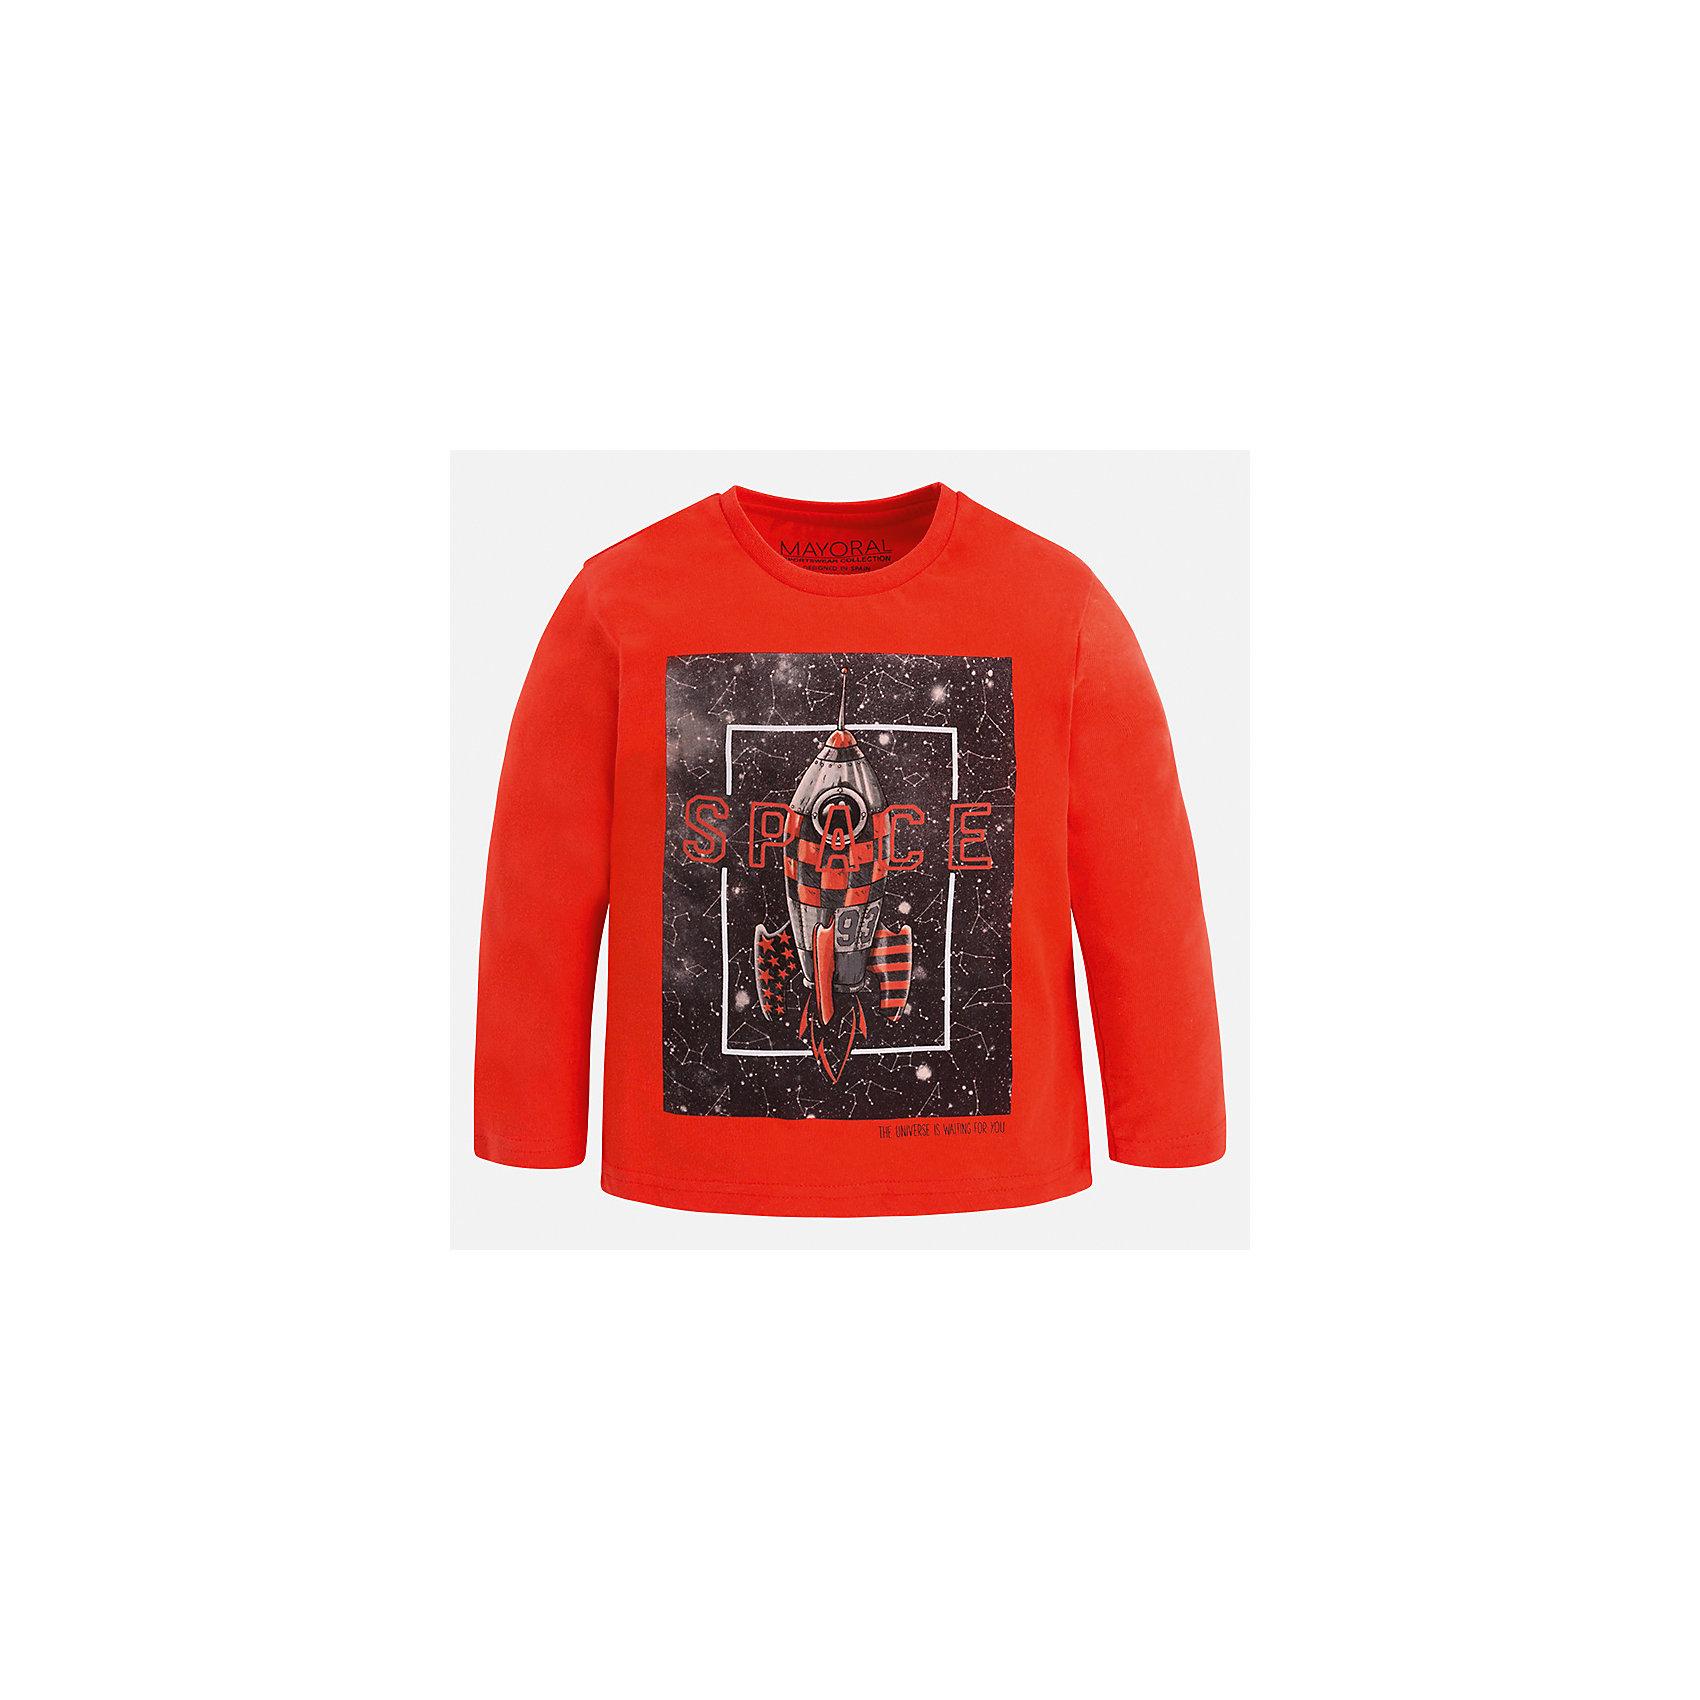 Футболка с длинным рукавом для мальчика MayoralФутболки с длинным рукавом<br>Характеристики товара:<br><br>• цвет: оранжевый<br>• состав ткани: 100% хлопок<br>• сезон: демисезон<br>• особенности модели: принт<br>• длинные рукава<br>• страна бренда: Испания<br>• страна изготовитель: Индия<br><br>Яркий детский лонгслив с принтом выглядит очень стильно. Эта одежда для ребенка отличается модным и продуманным дизайном. Лонгслив для мальчика от Майорал поможет обеспечить ребенку комфорт. В футболке с длинным рукавом для мальчика от испанской компании Майорал ребенок будет выглядеть модно, а чувствовать себя - комфортно. <br><br>Лонгслив для мальчика Mayoral (Майорал) можно купить в нашем интернет-магазине.<br><br>Ширина мм: 230<br>Глубина мм: 40<br>Высота мм: 220<br>Вес г: 250<br>Цвет: оранжевый<br>Возраст от месяцев: 60<br>Возраст до месяцев: 72<br>Пол: Мужской<br>Возраст: Детский<br>Размер: 116,122,128,134,92,98,104,110<br>SKU: 6935989